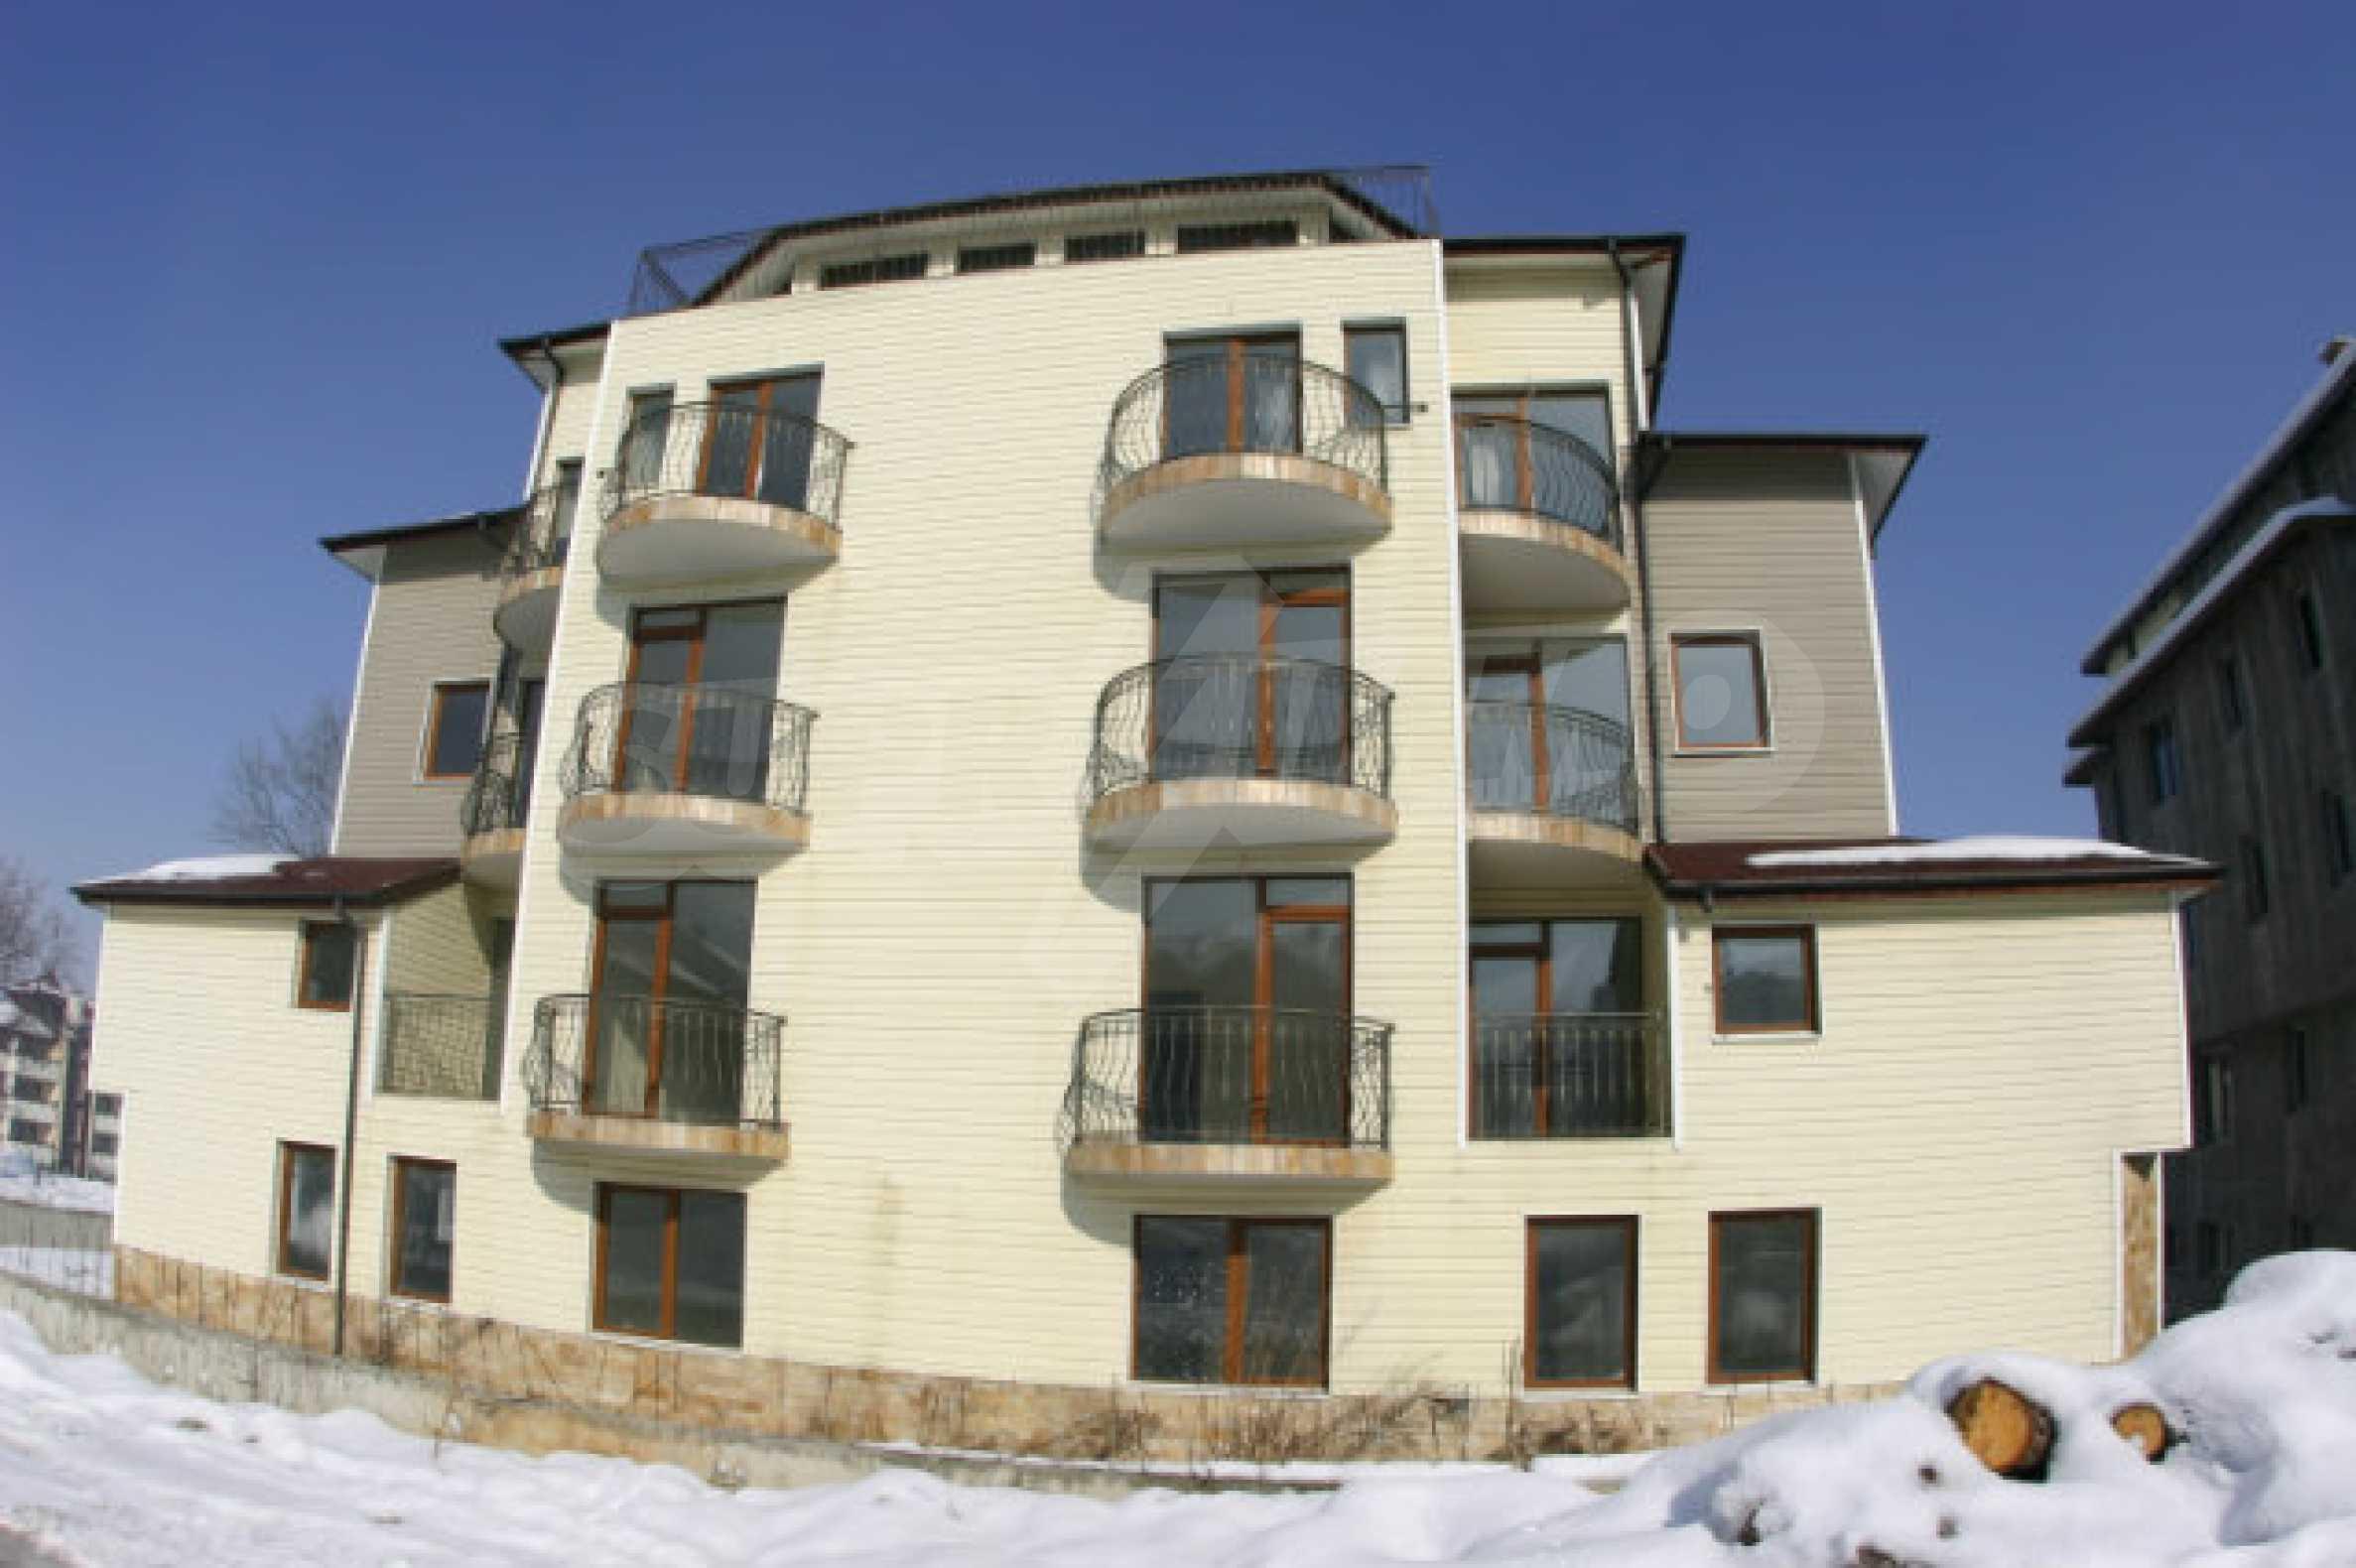 Residental building in Bansko